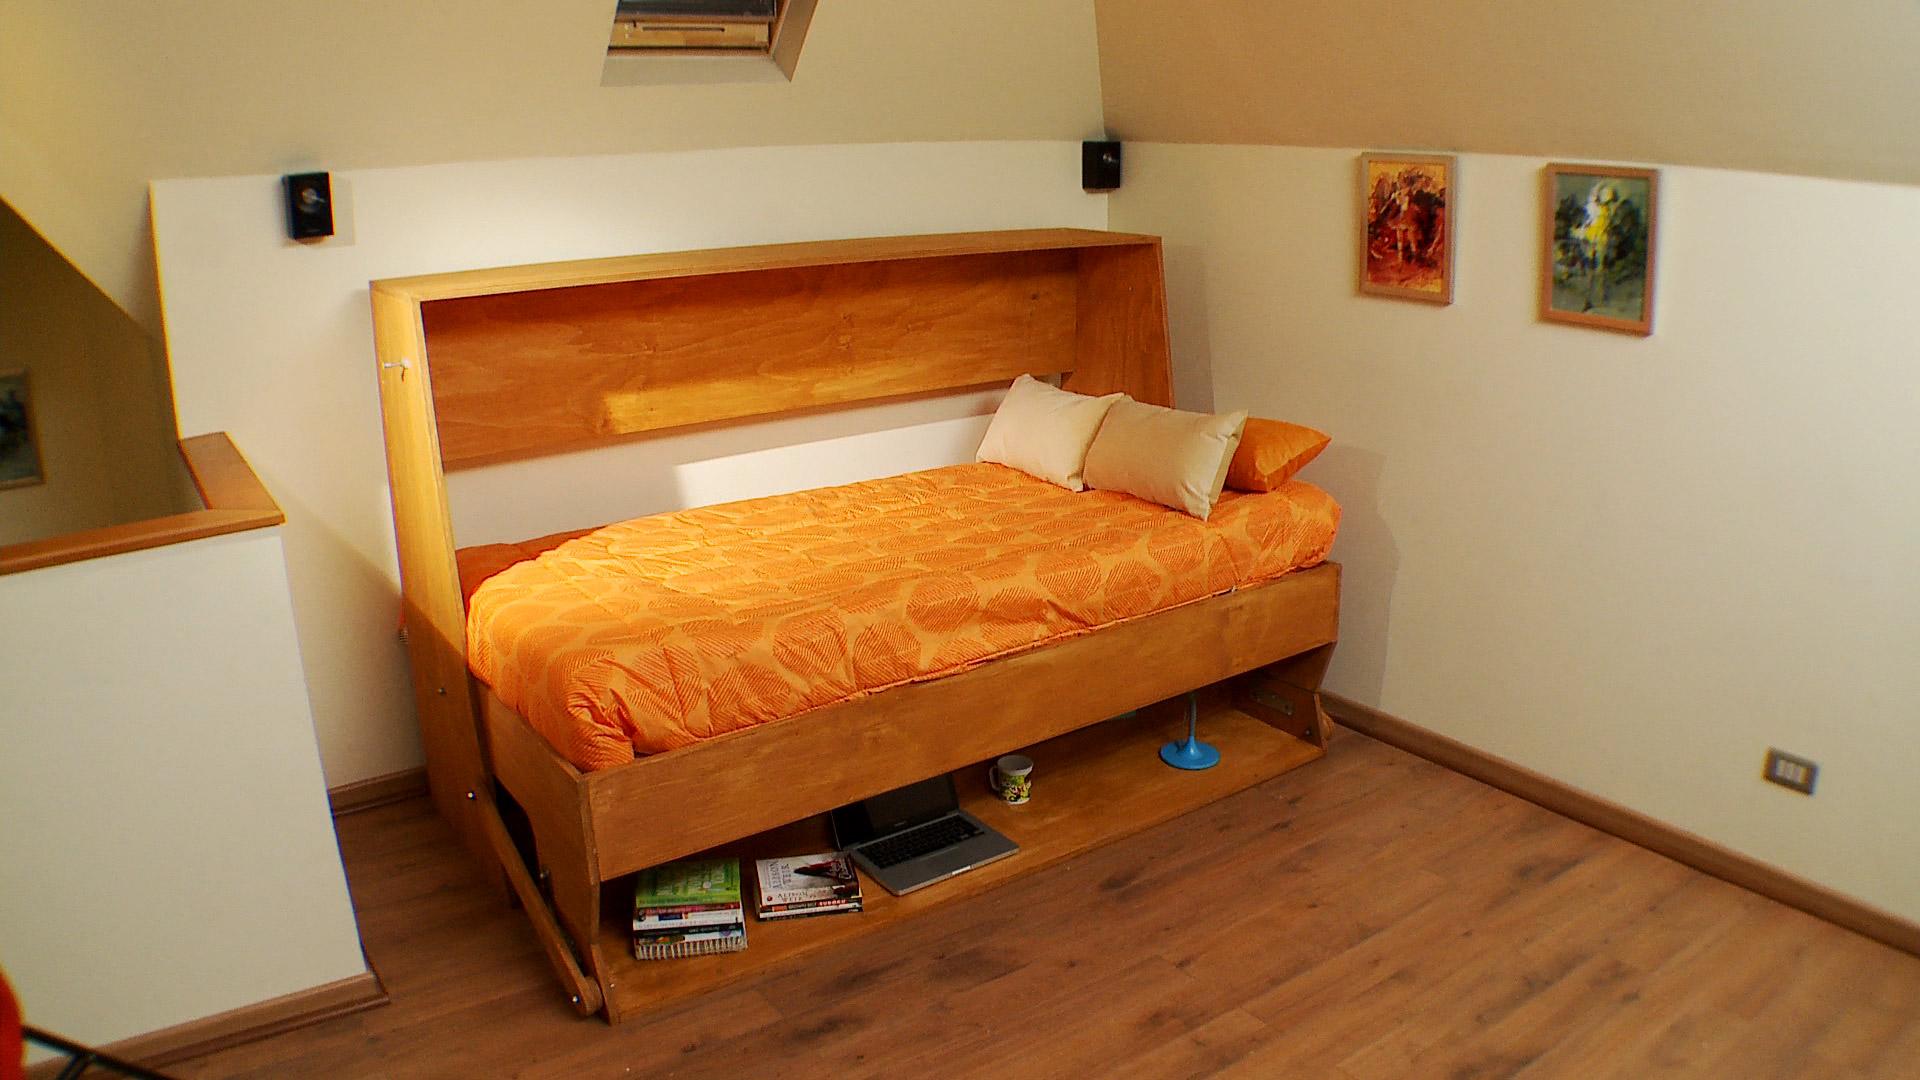 Hágalo Usted Mismo - ¿Cómo construir un escritorio con cama plegable?